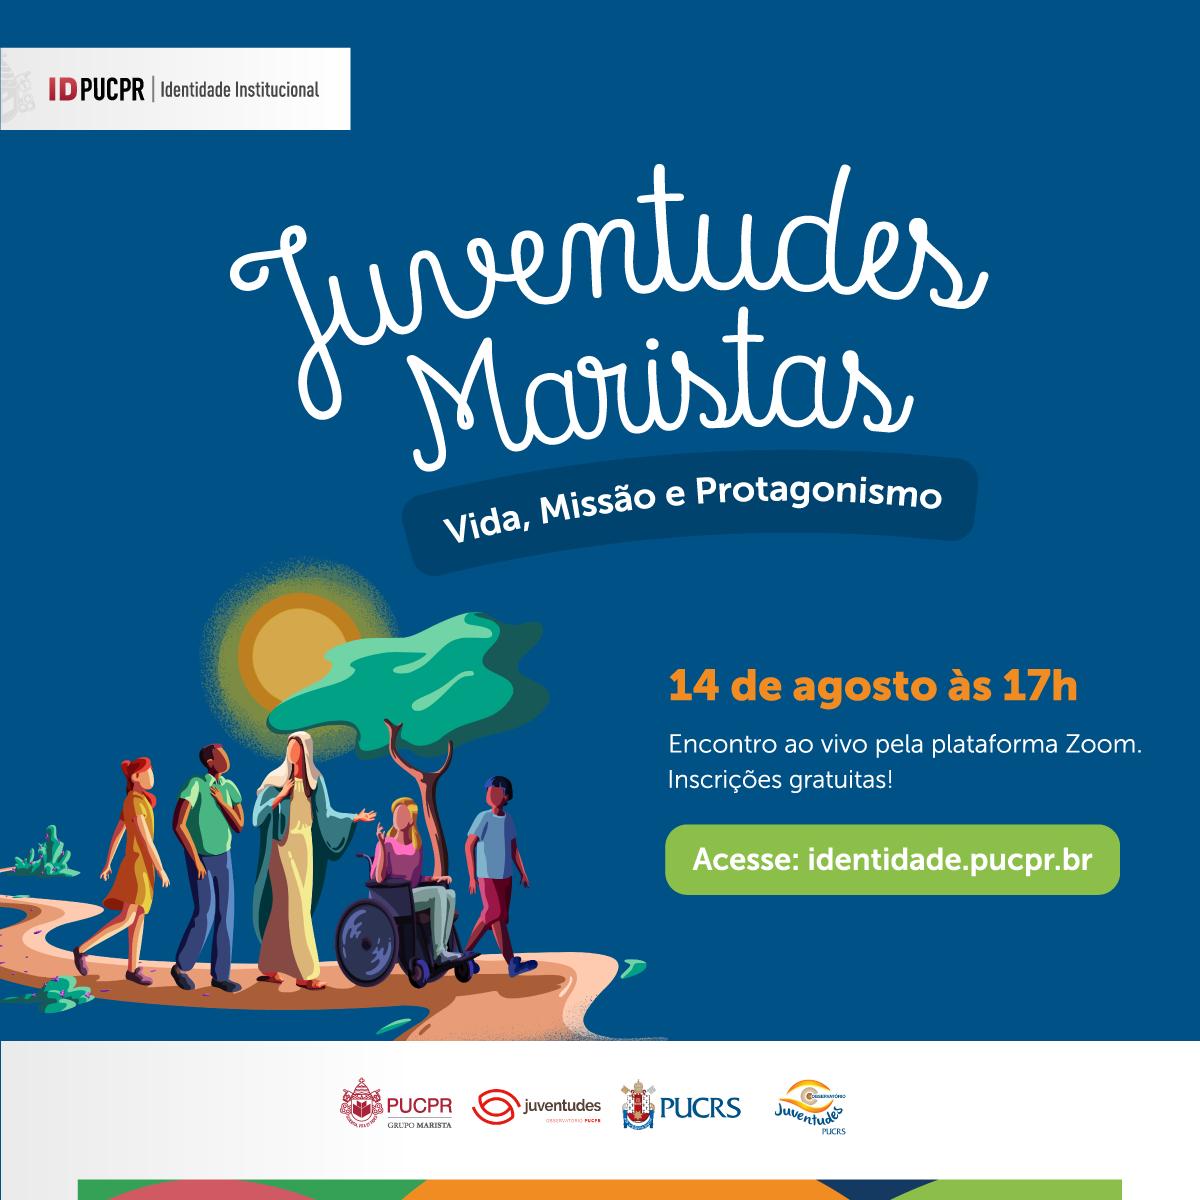 af_JuventudesMarista_Webcard